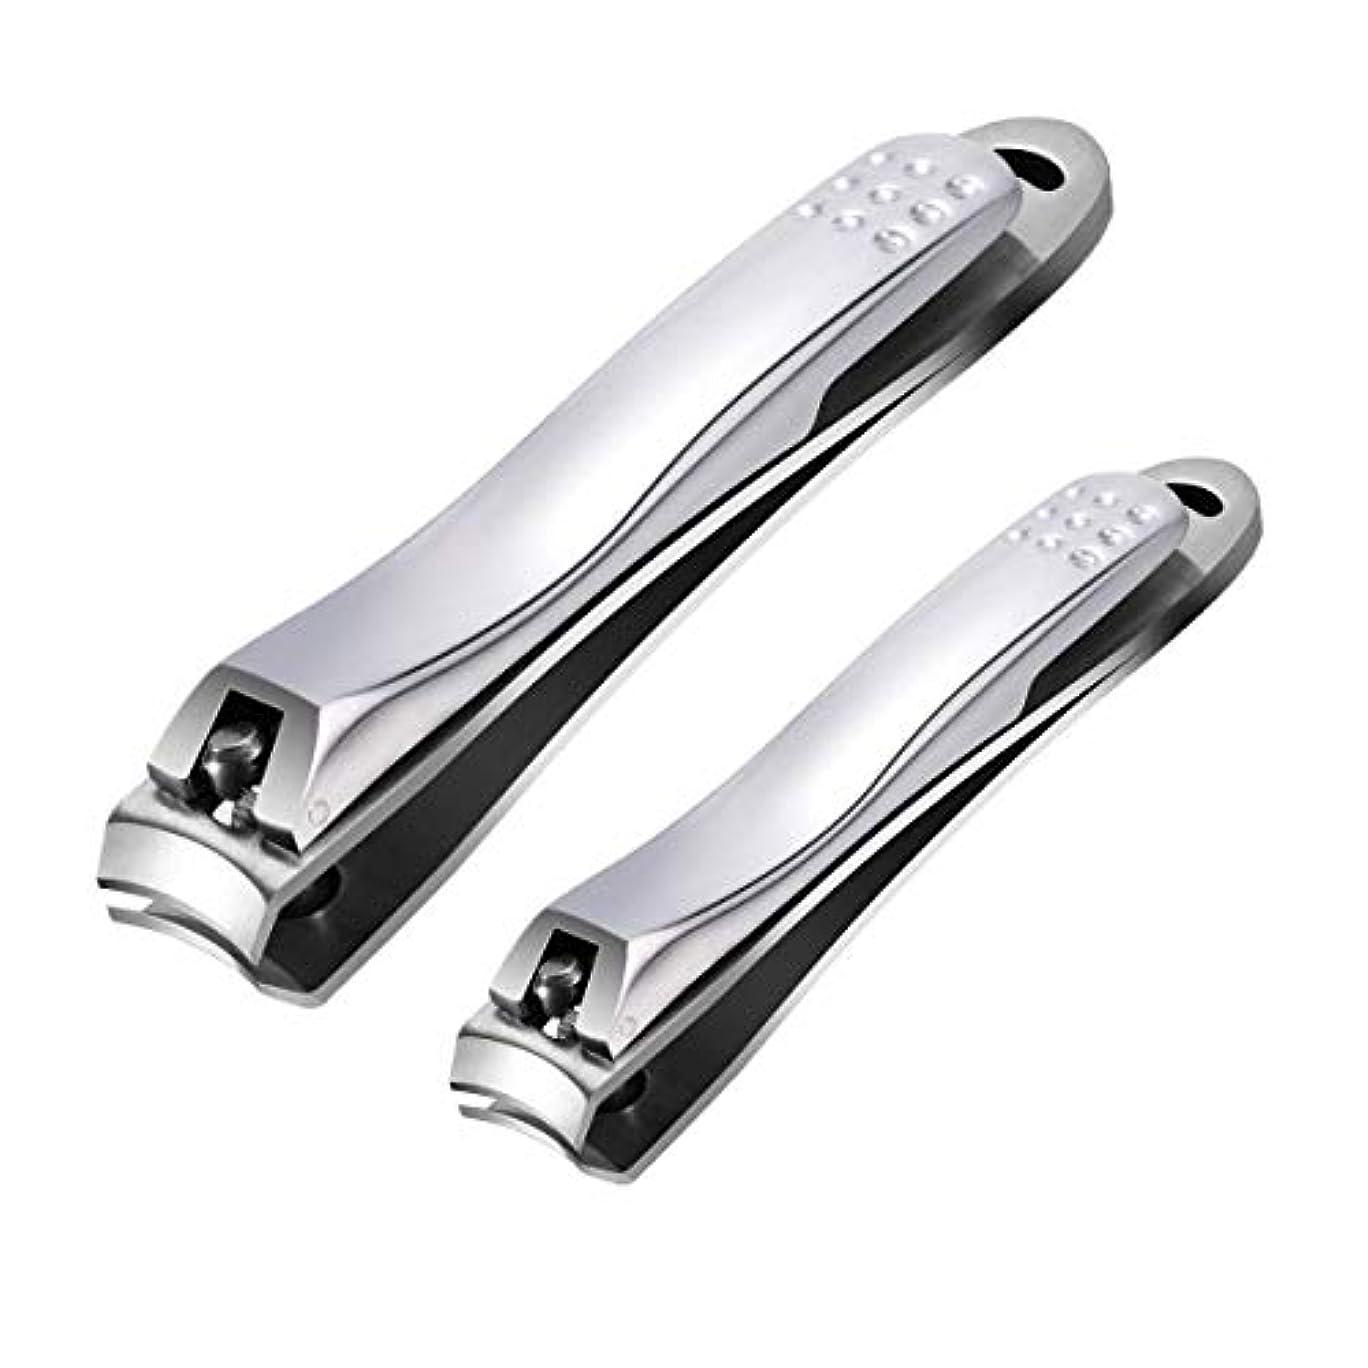 つばパブこんにちはつめきり ステンレス製高級 爪切り 爪やすり付き 手足はがね ツメキリ 握りやすい スパット切れる レザーケース付き付属 (2サイズ)